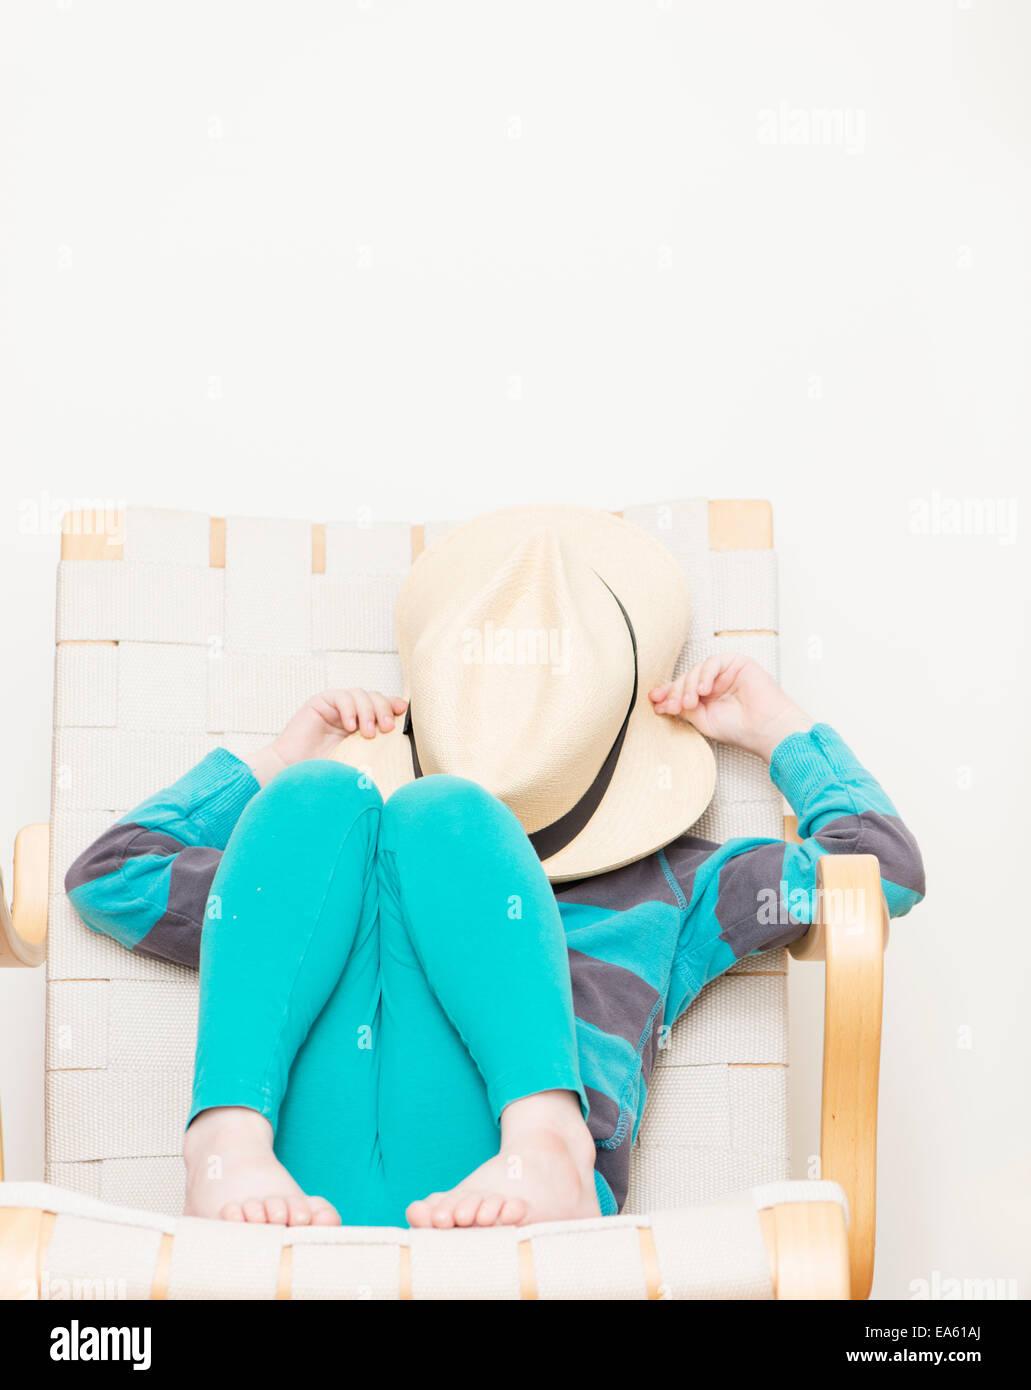 Chica 4-5 años sentados en una silla y ocultar rostro detrás de un sombrero. Imagen De Stock